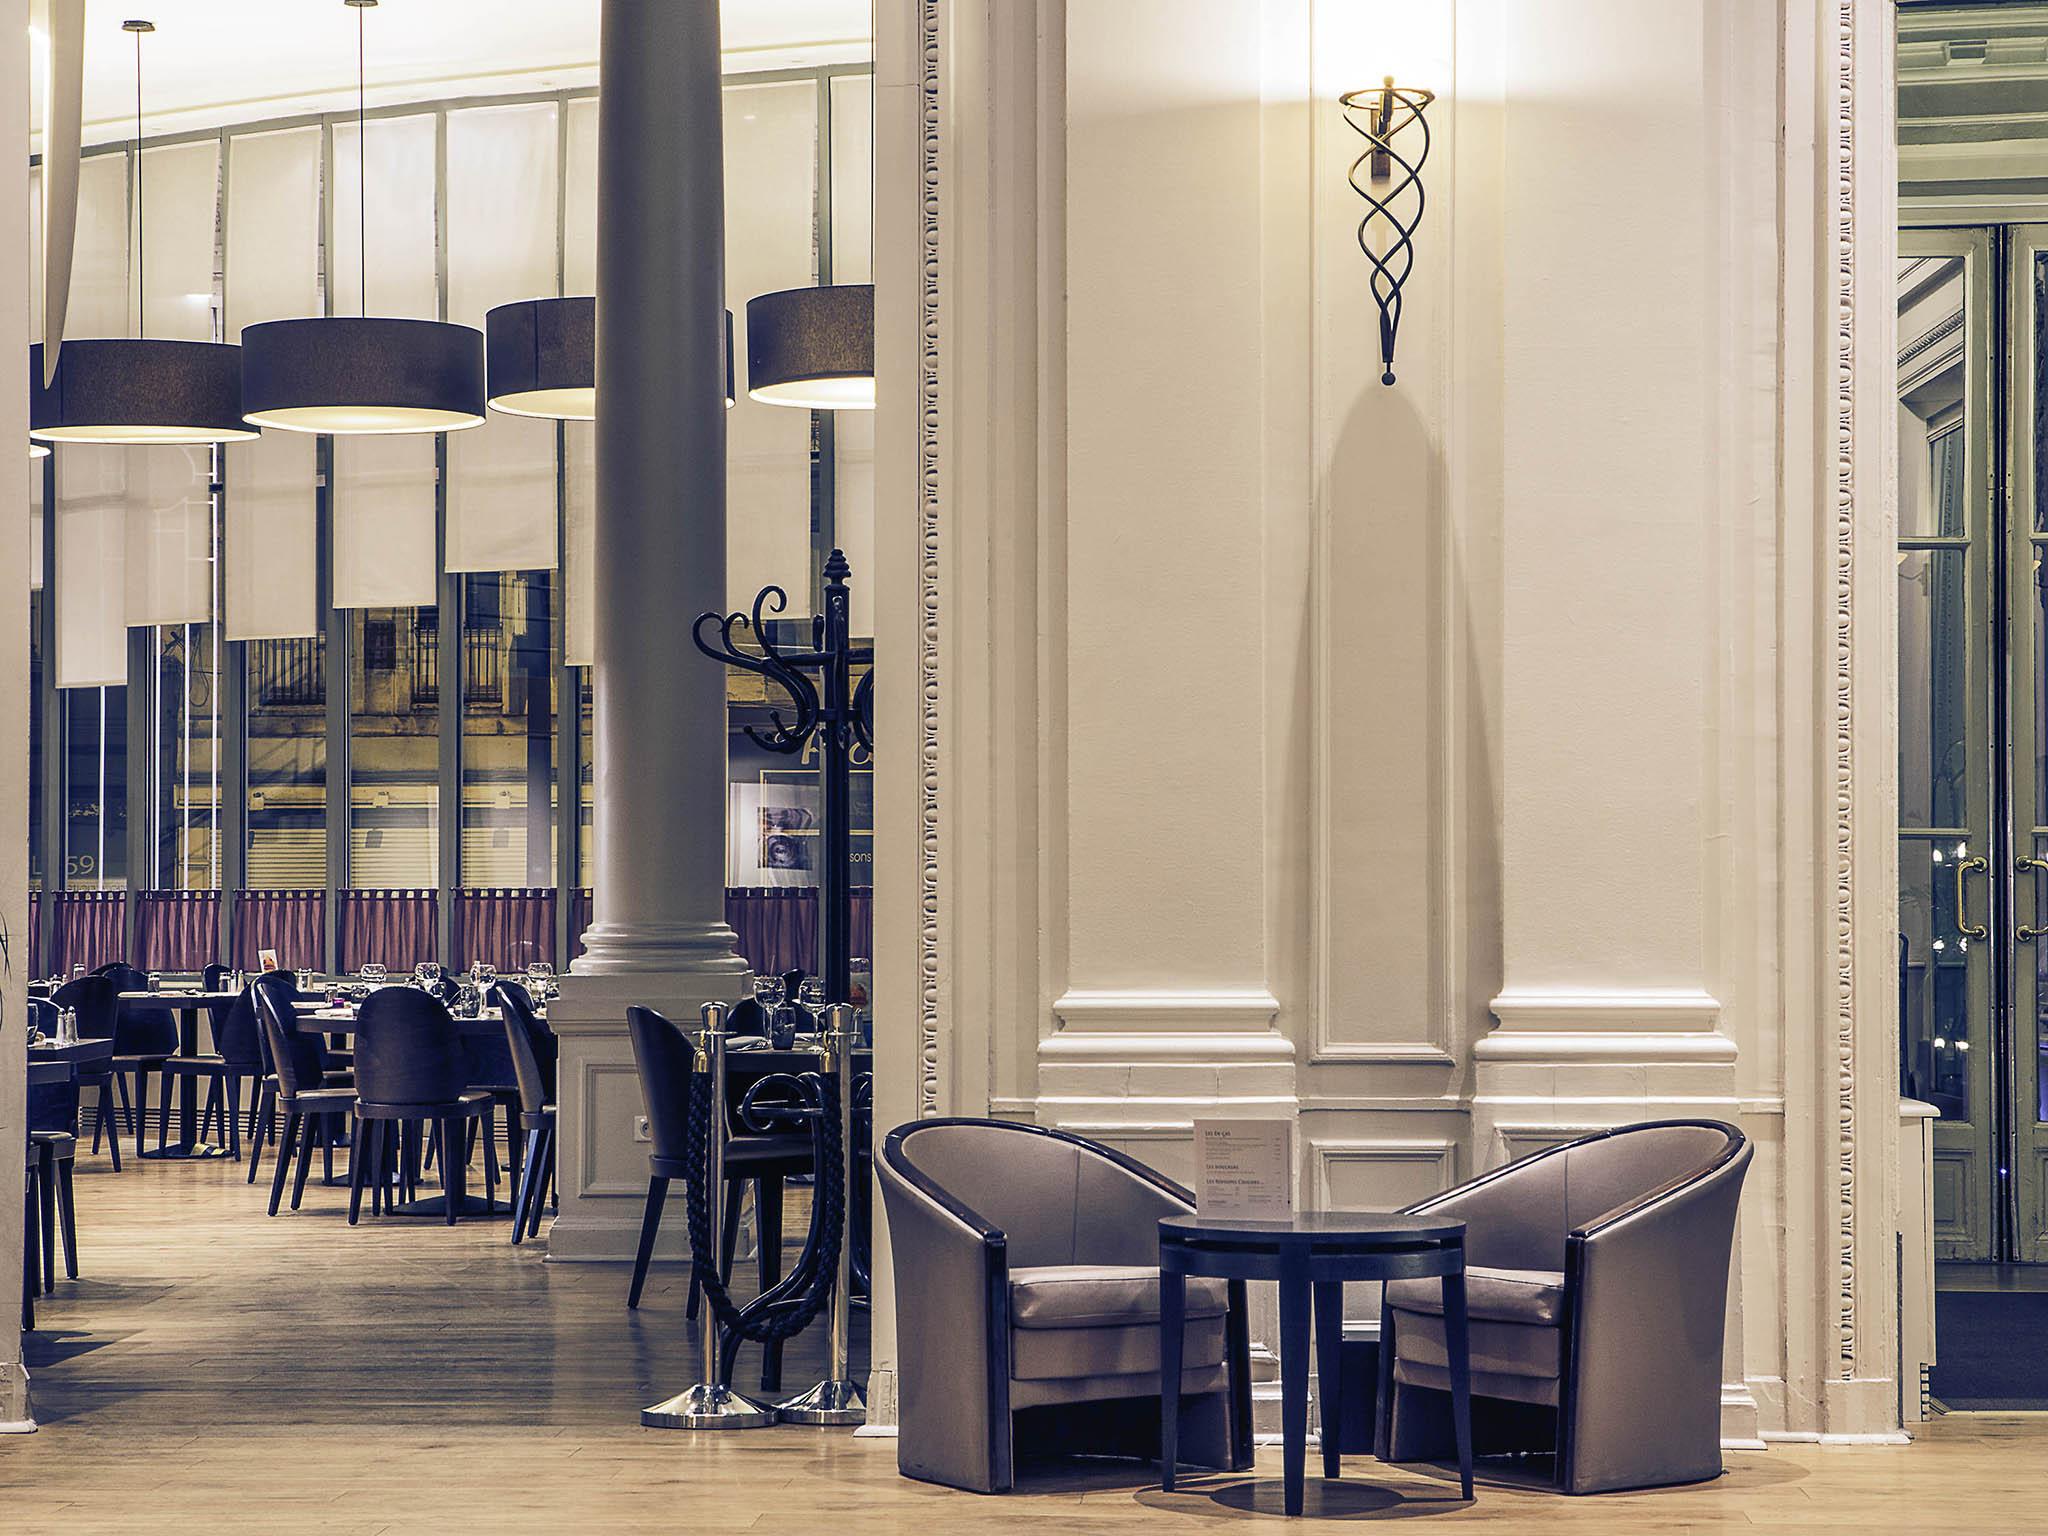 Otel – Hôtel Mercure Lille Roubaix Grand Hôtel